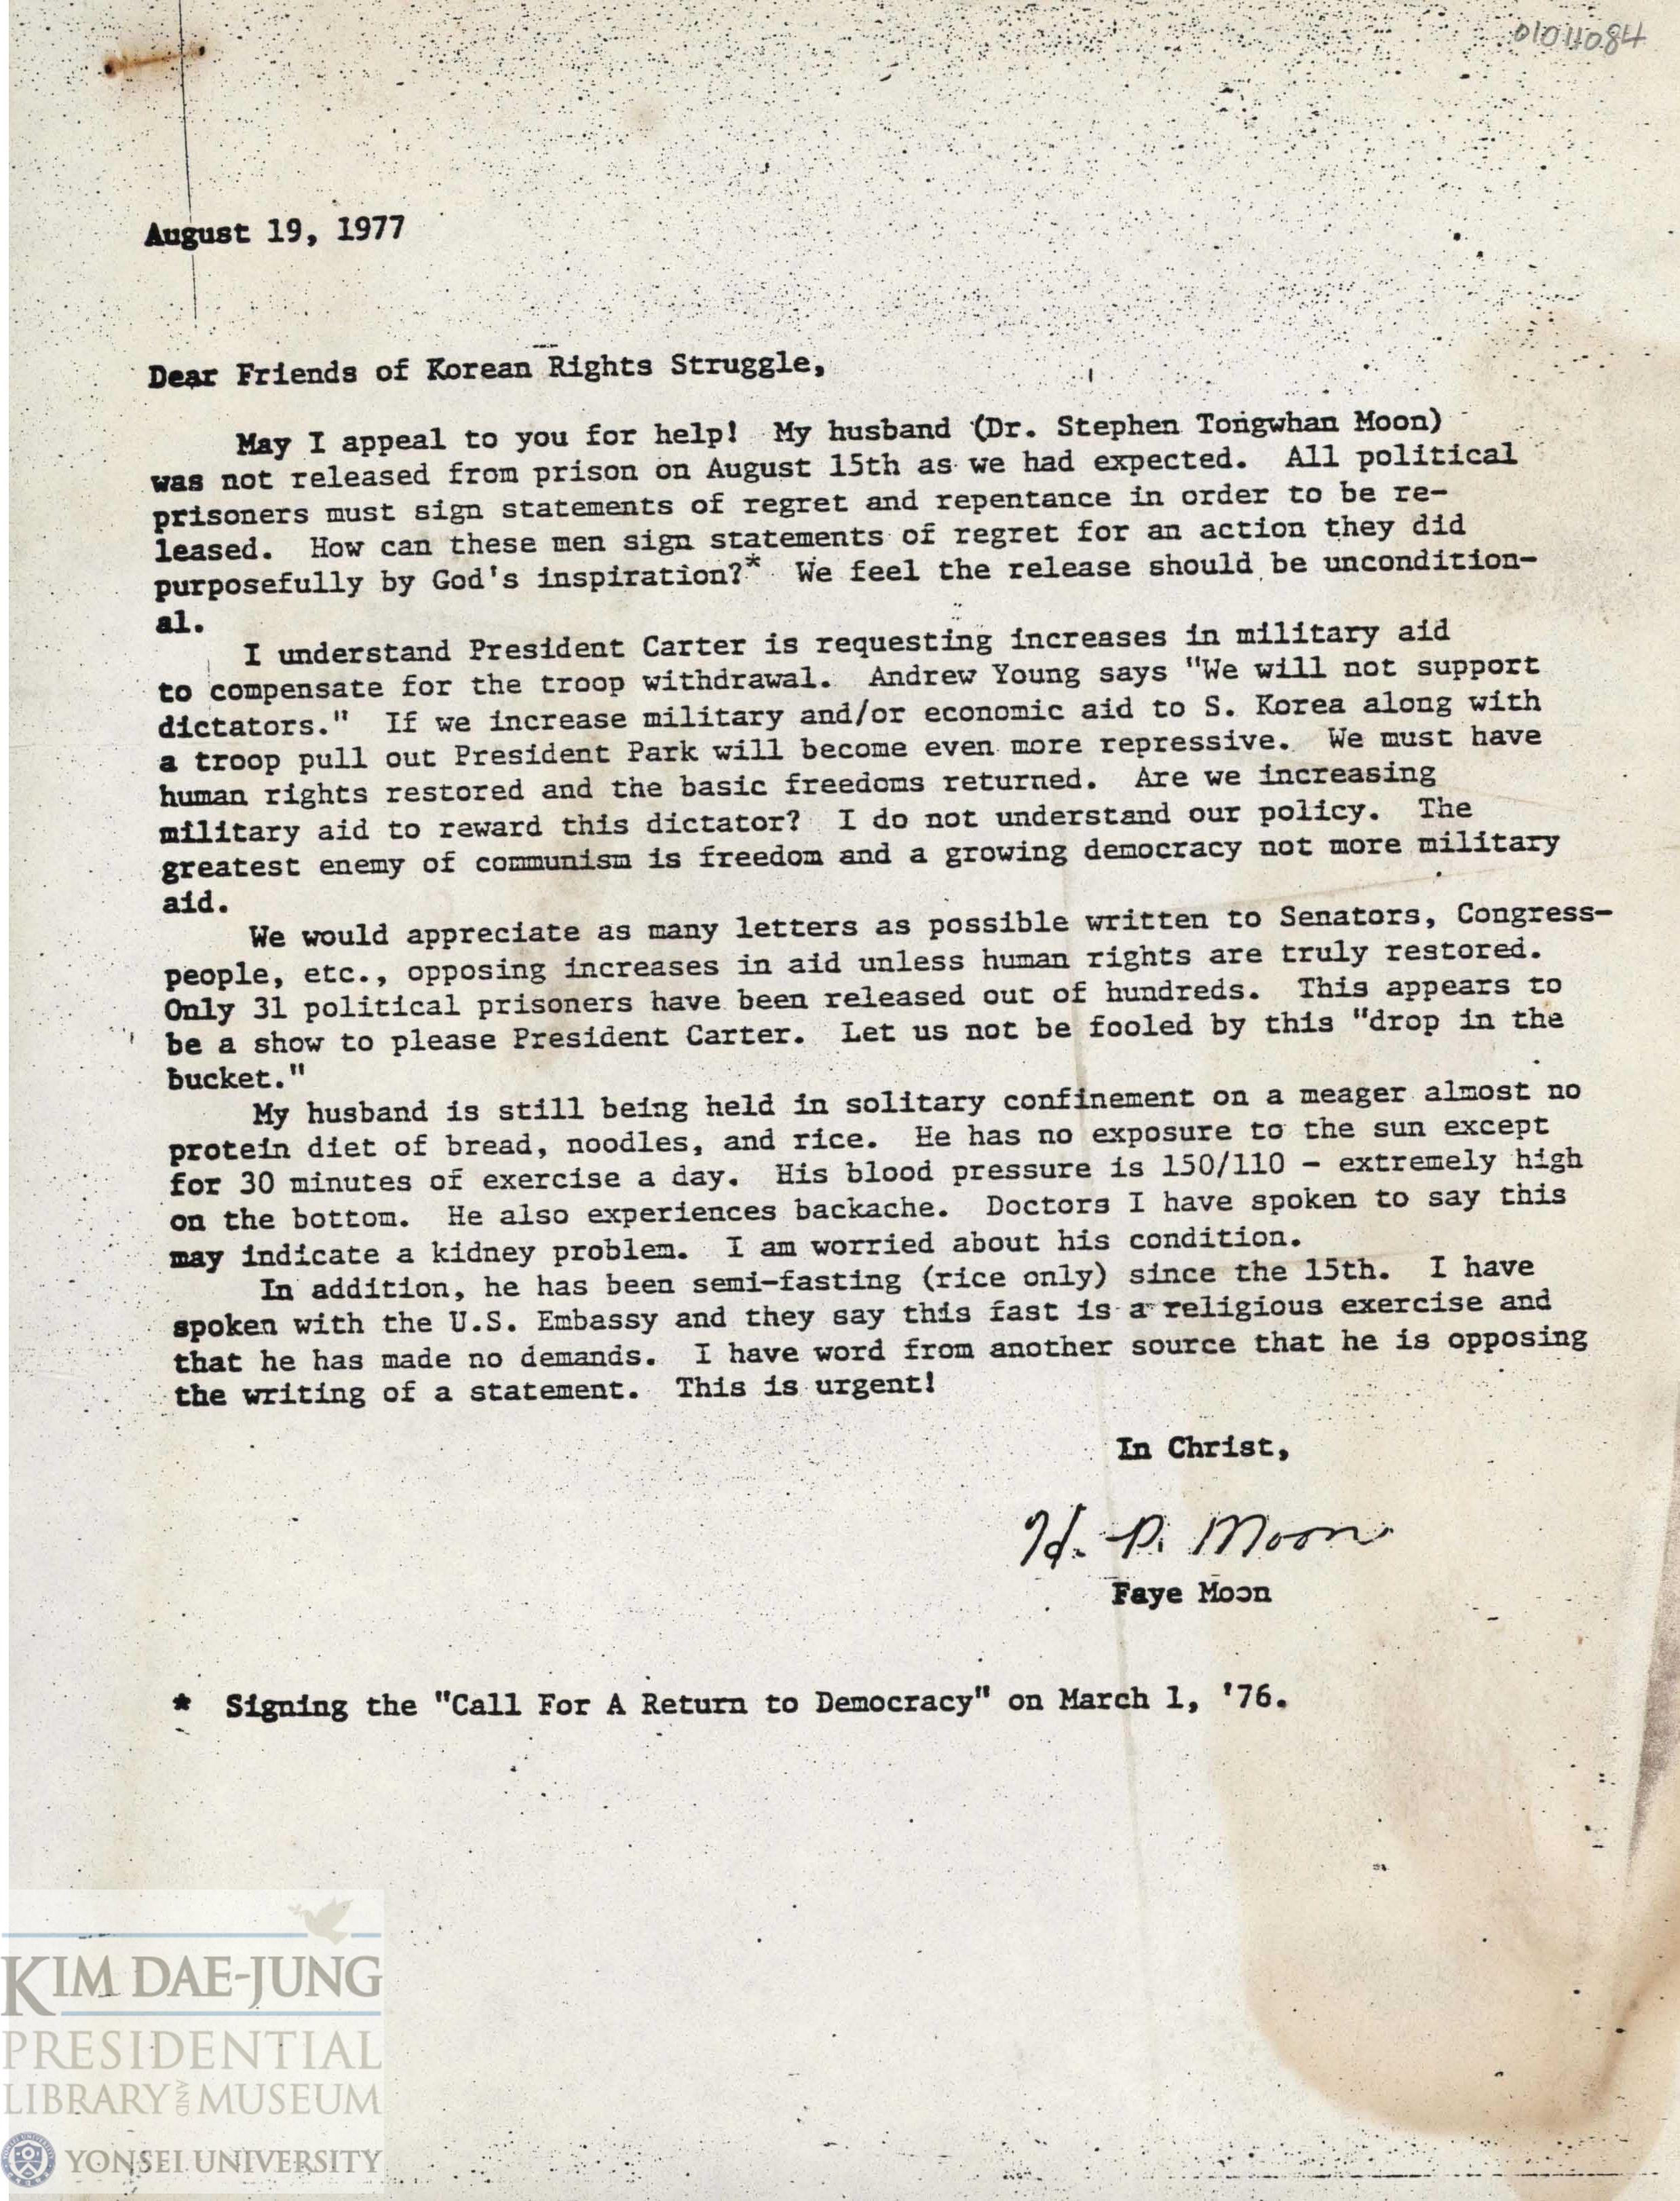 [최초공개] 문동환 목사의 반려자 문혜림 여사가 수감된 남편의 인권 보호를 촉구하는 서신 고 문동환 목사의 반려자 문혜림 여사가 1977년 8월 19일 작성한 서신. 이 서신은 미국으로 보내졌으면 이번에 처음으로 공개된 것이다.